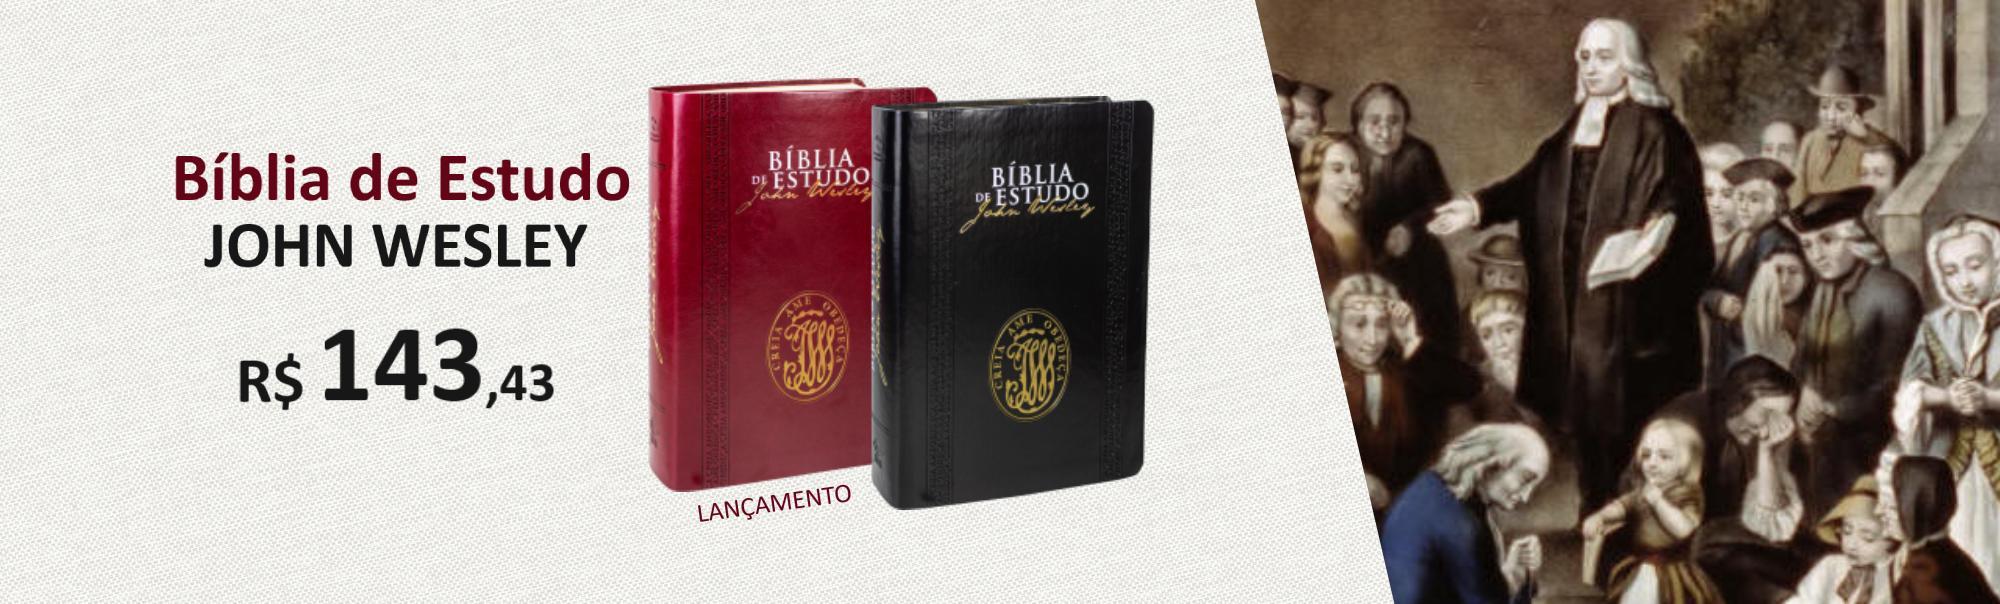 Box Clássicos Cristãos   Livraria Evangélica Emmerick